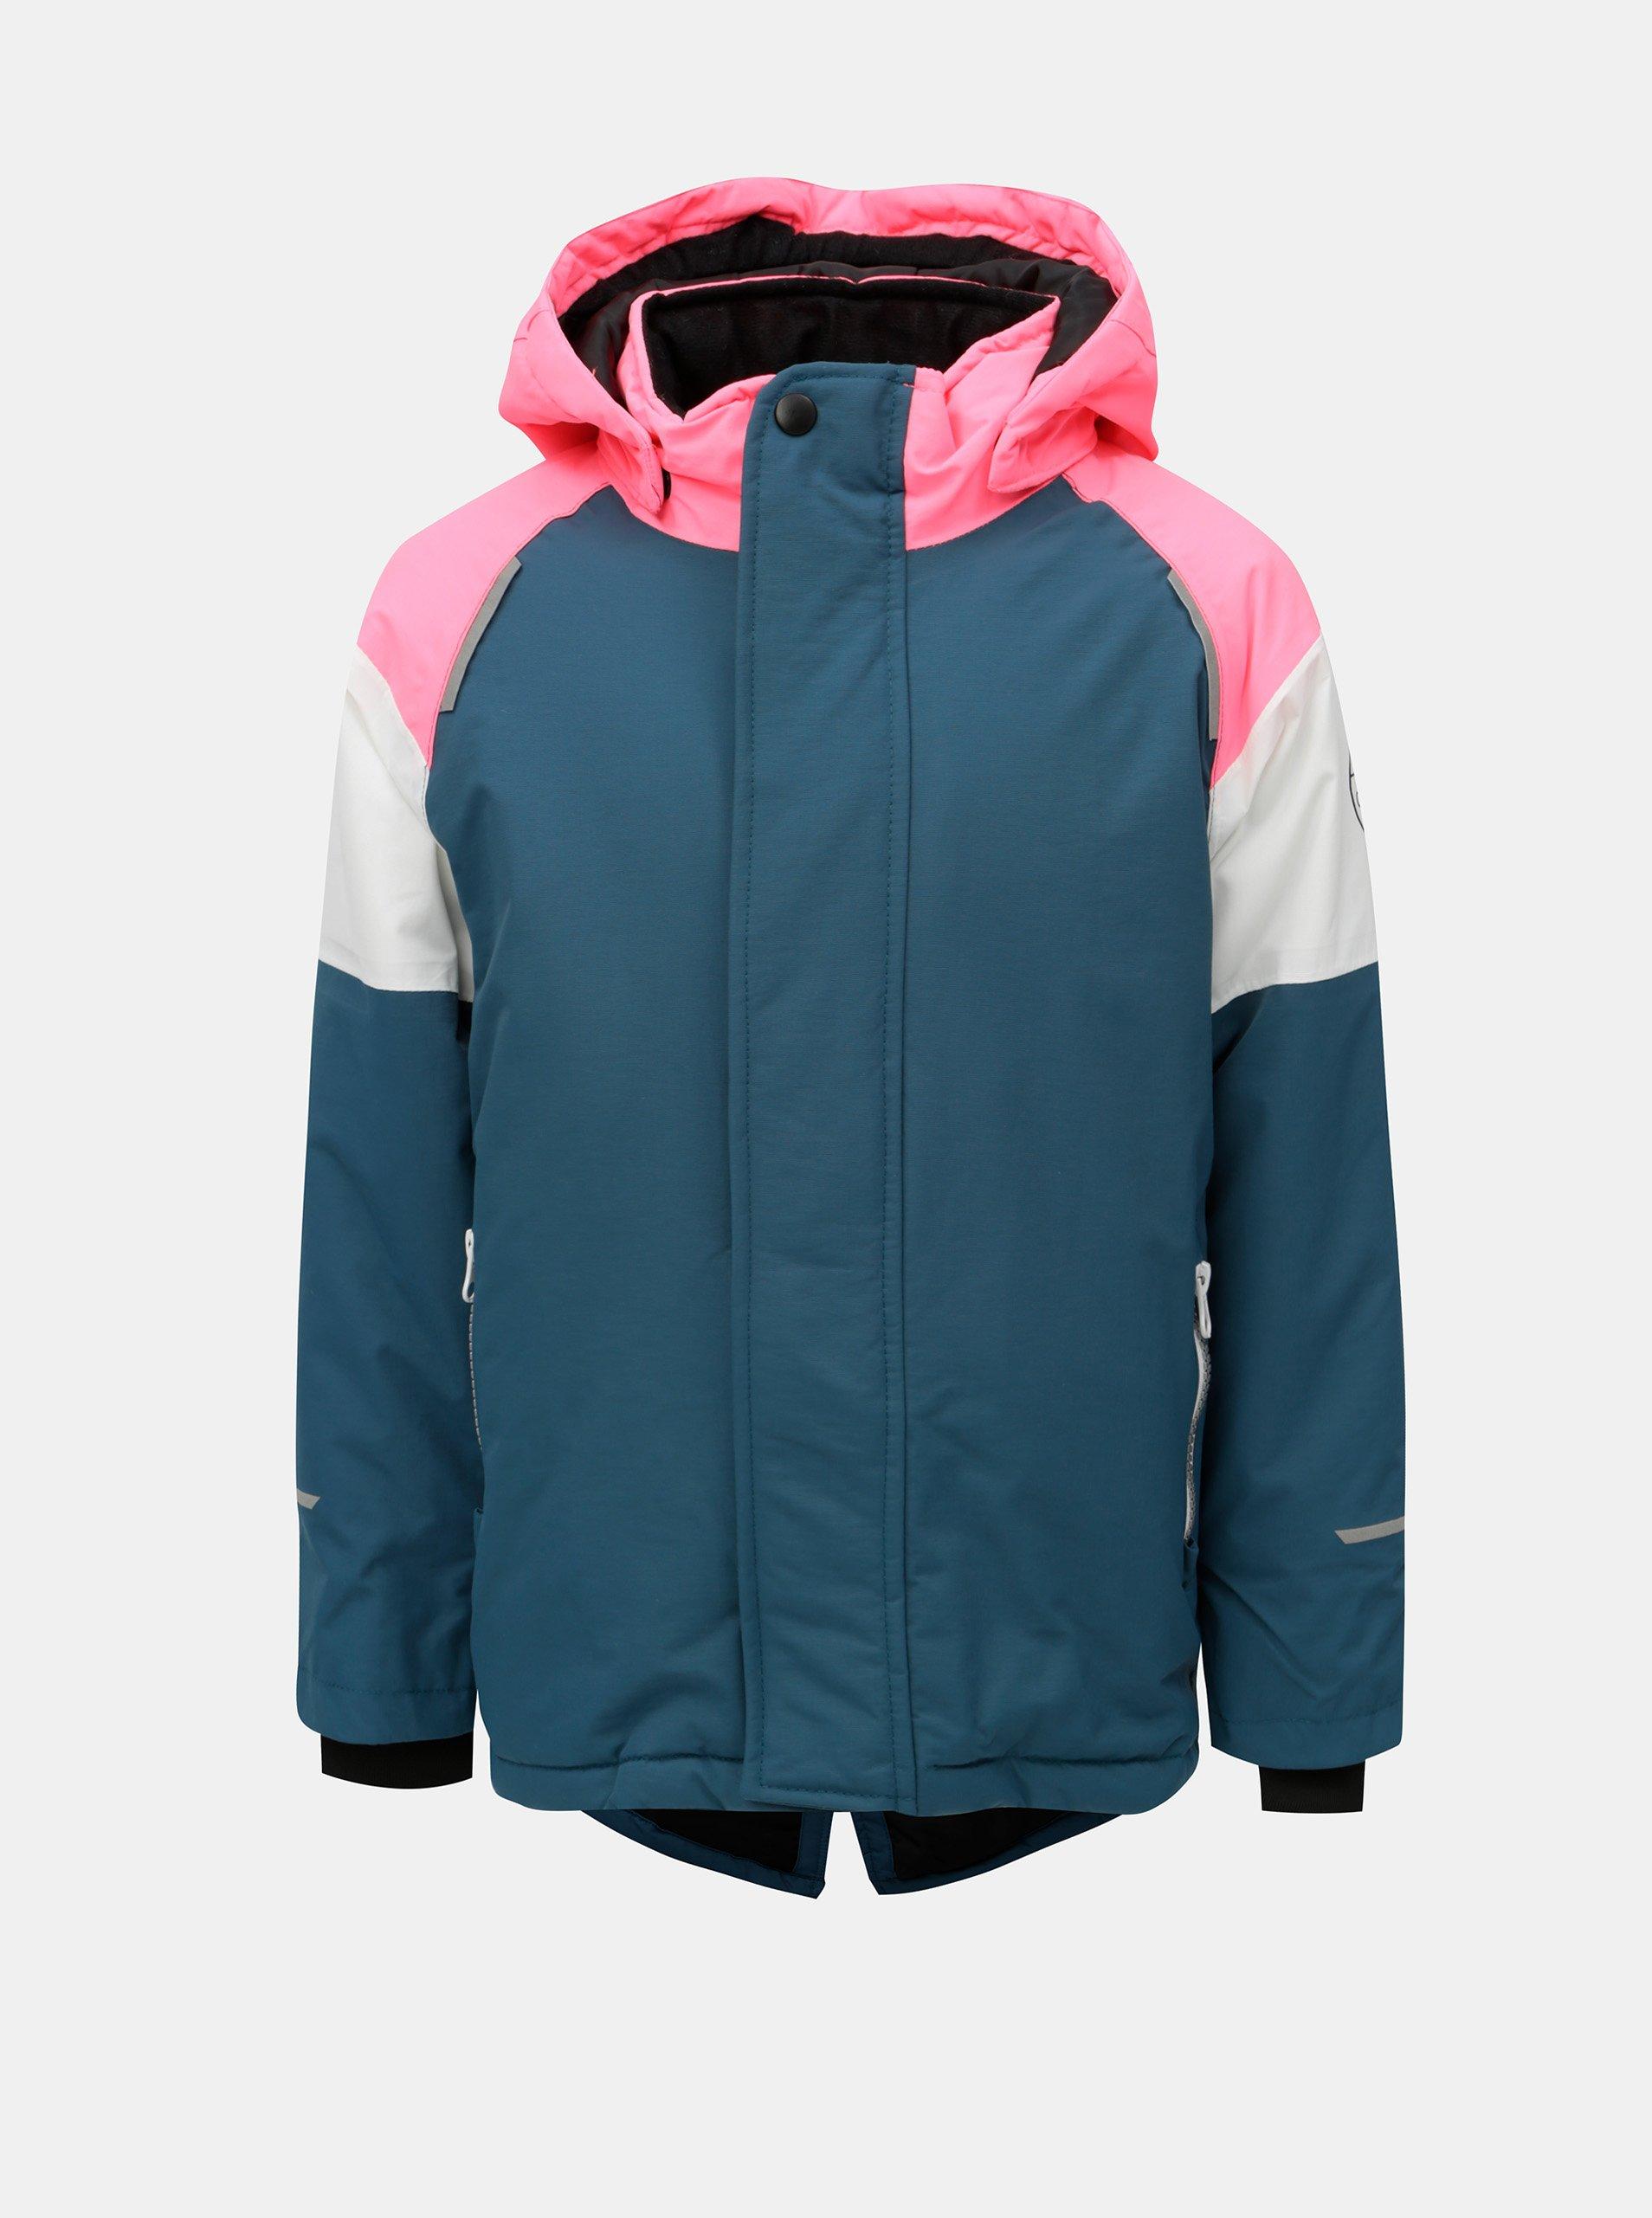 Ružovo–petrolejová dievčenská zimná funkčná bunda s kapucňou Name it Snow